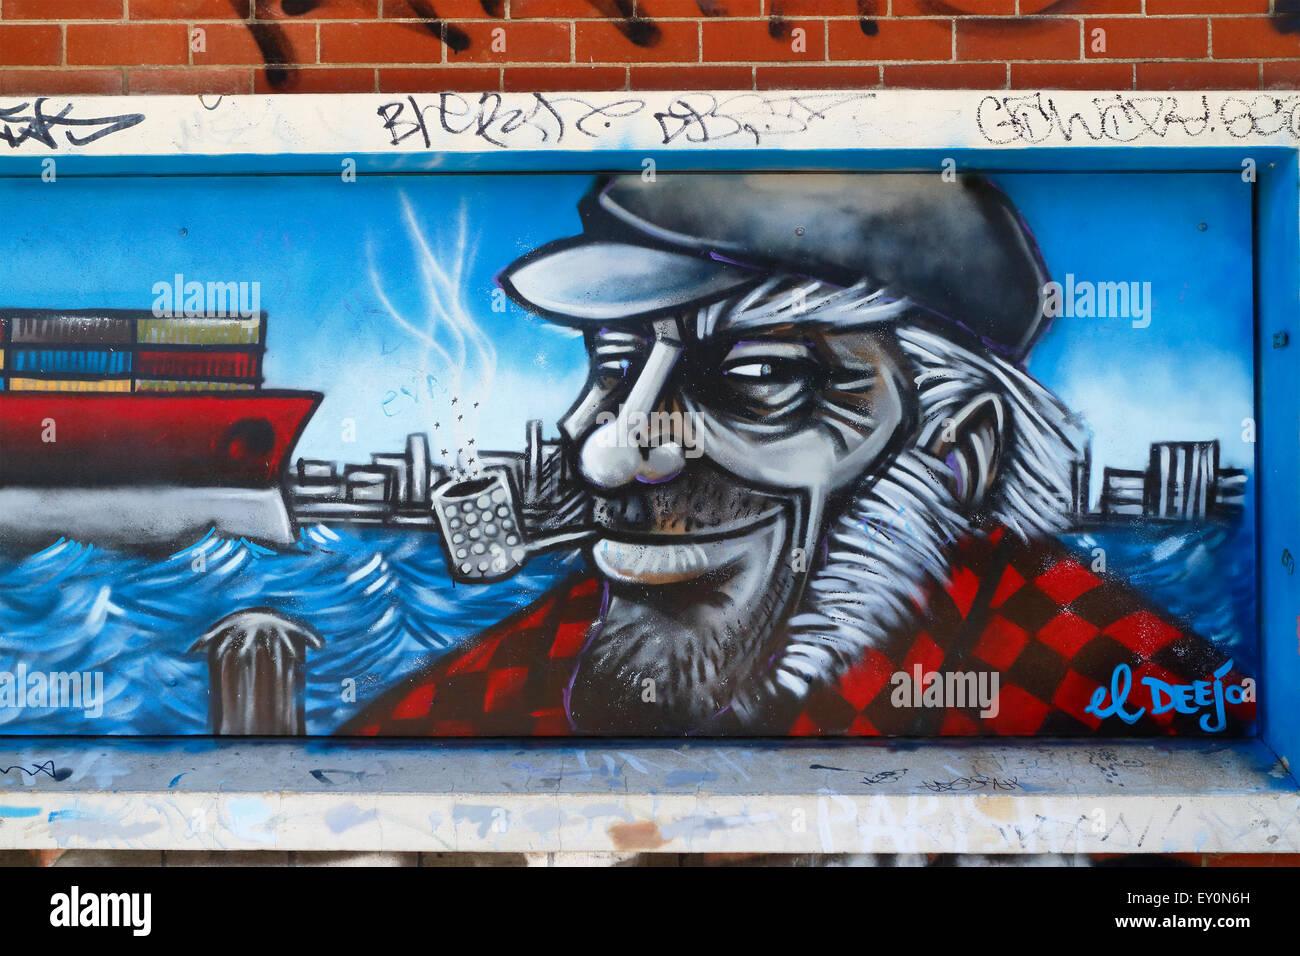 Graffiti-Wand-Wandbild eines Seemanns, raucht eine Pfeife. Fremantle, Western Australia. Stockbild